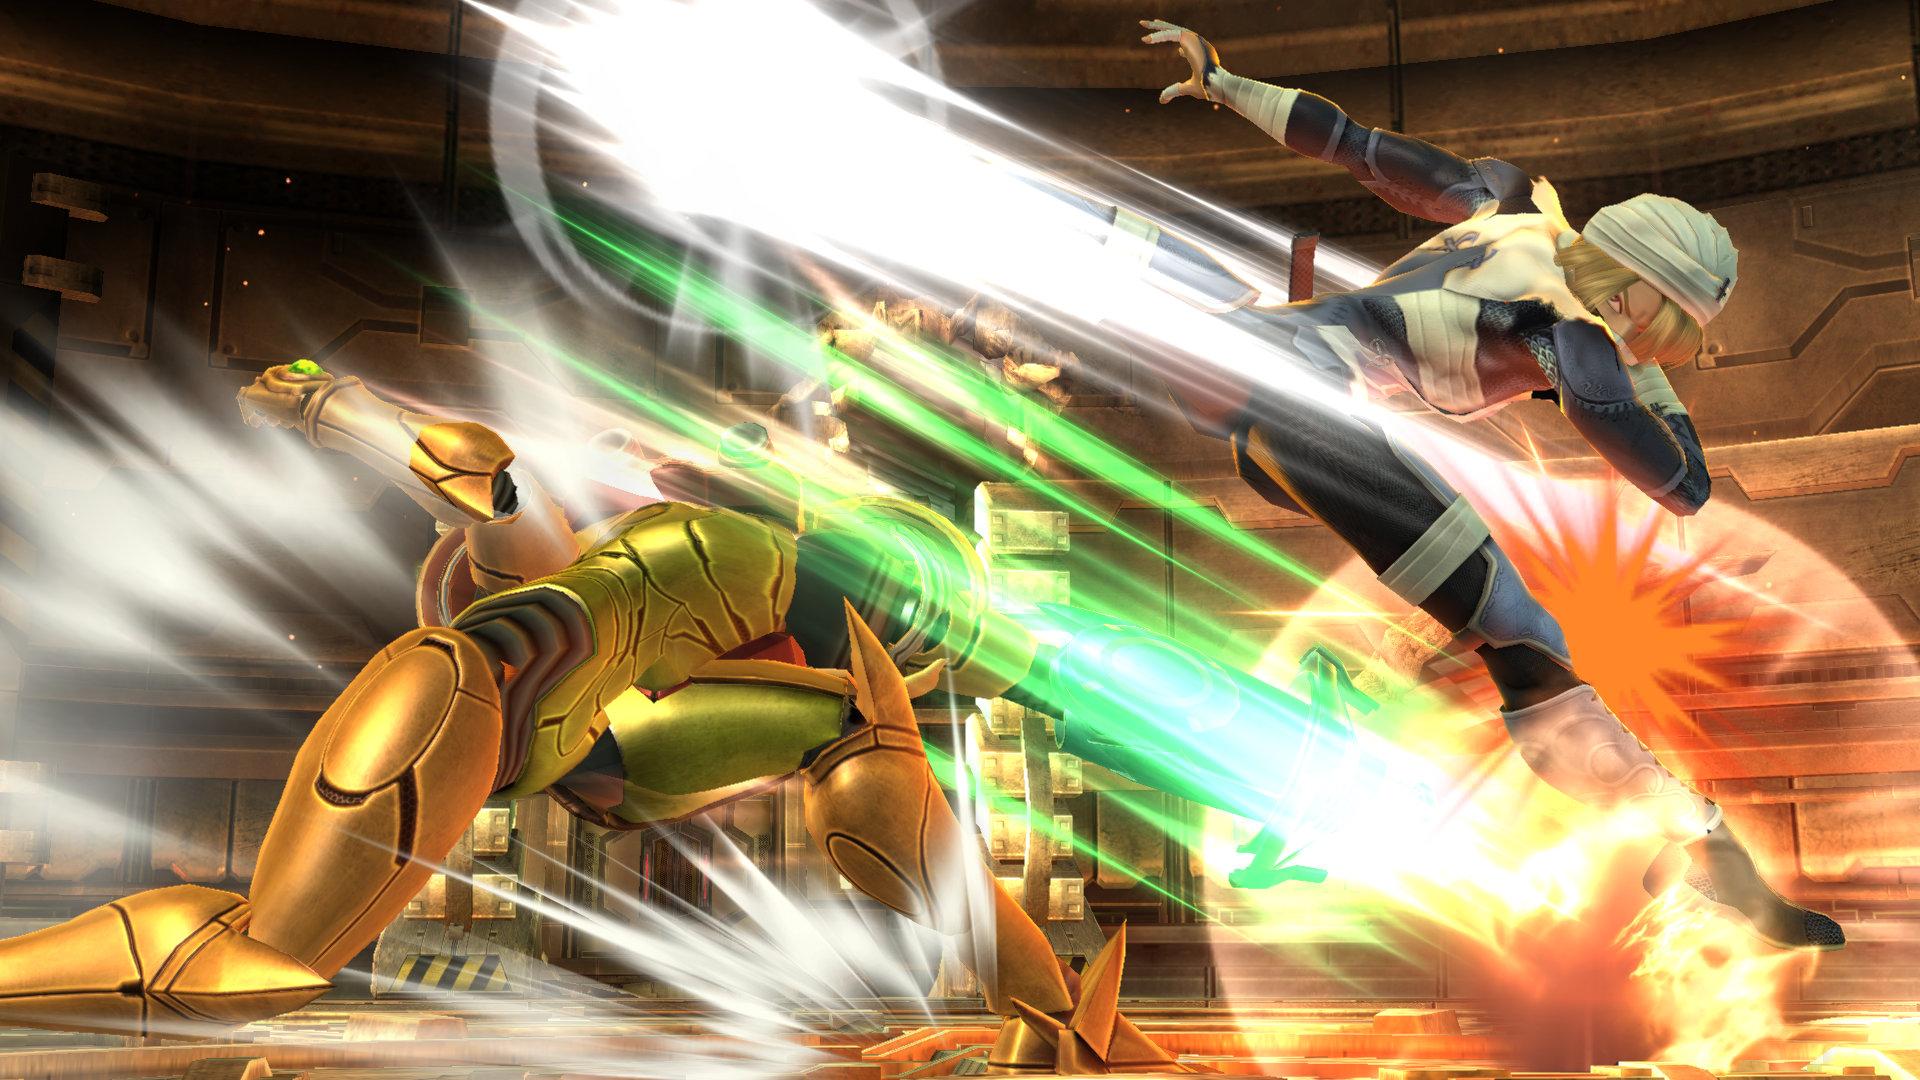 WiiU_SuperSmashBros_Sheik_Screen_02.jpg